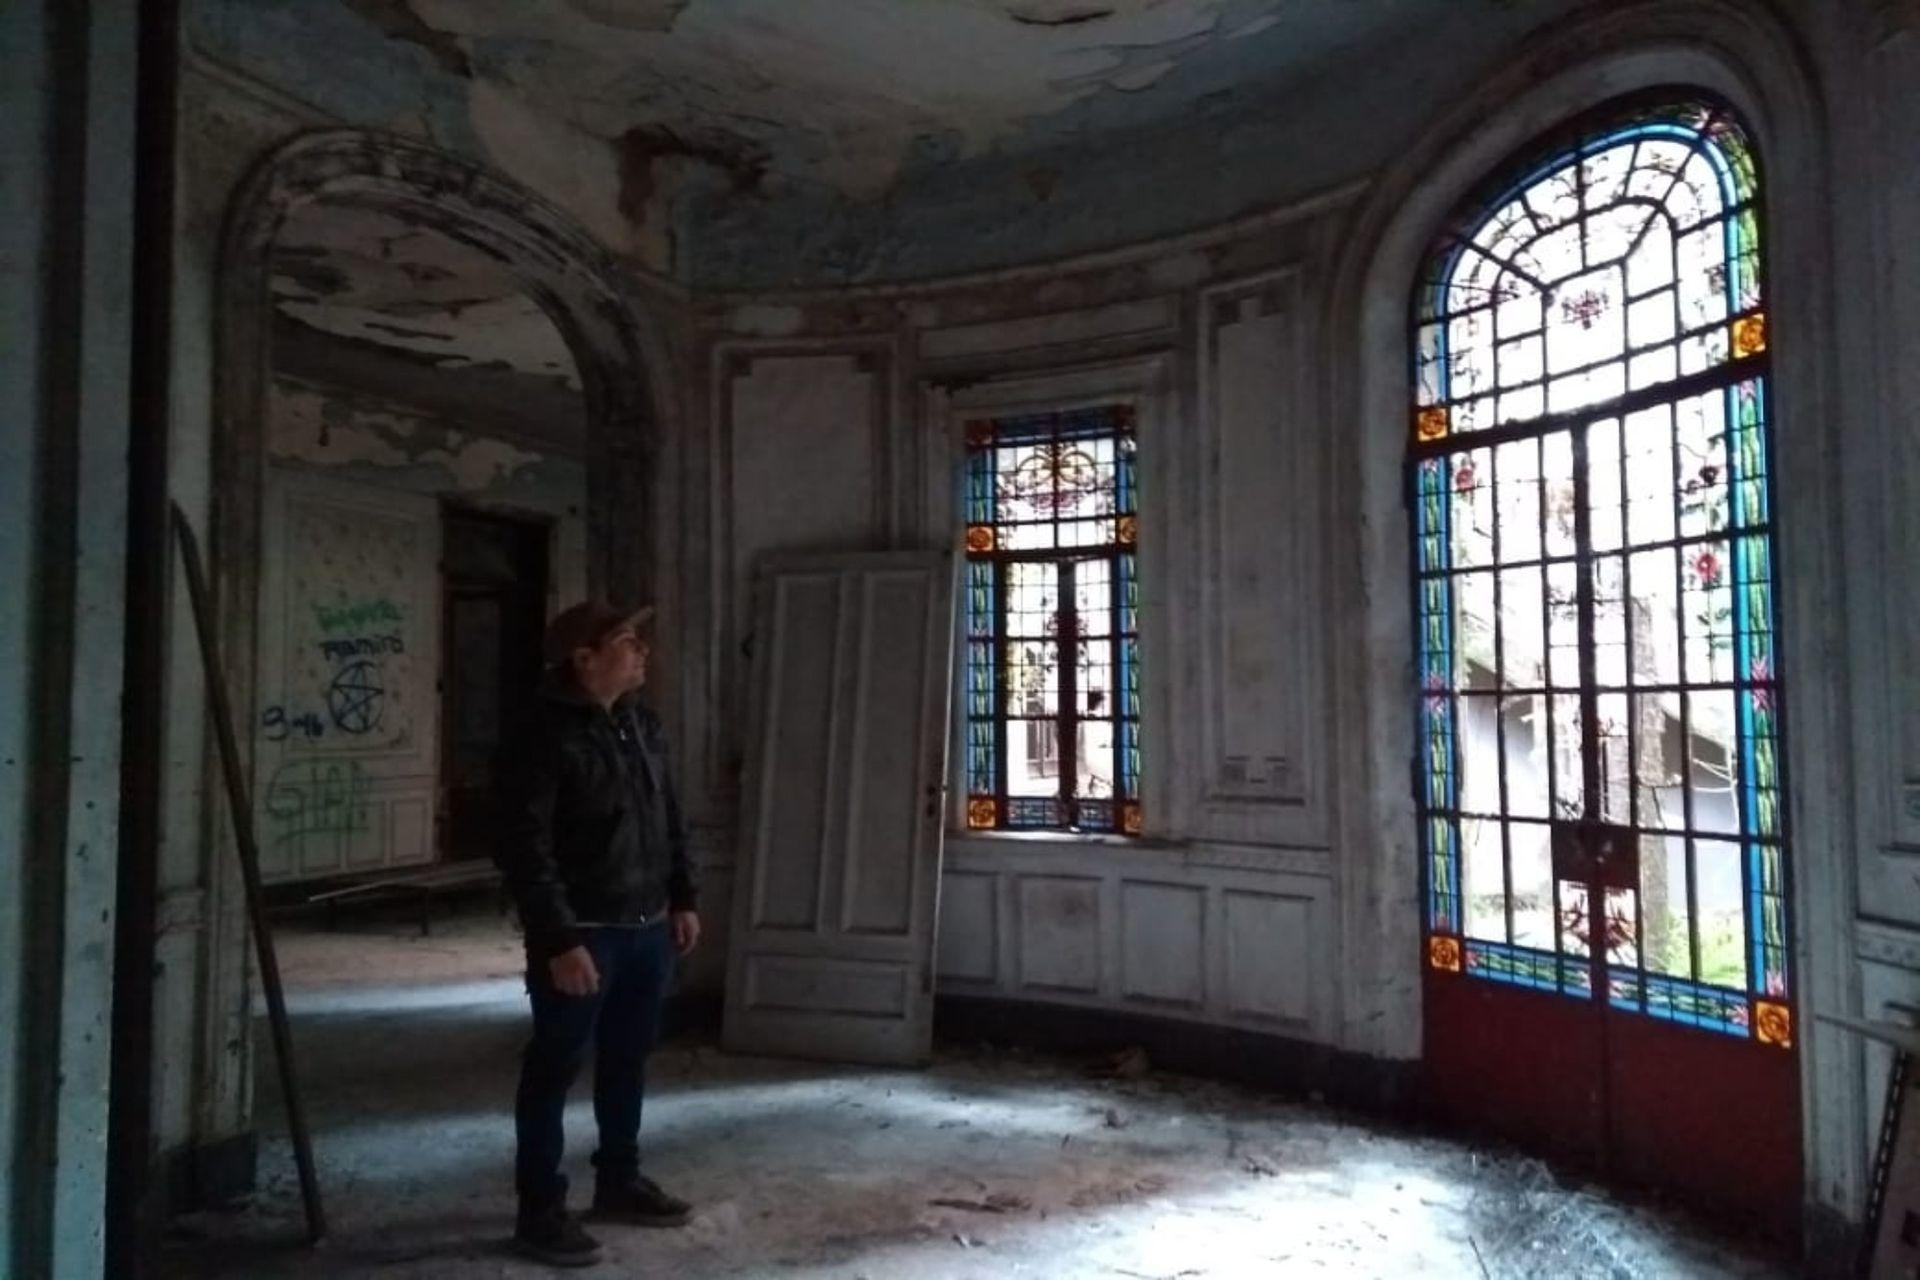 """""""Volví después de un año y vi que le faltaban muchas cosas o que la destruyeron mucho más: vitrales hermosos destrozados, la edificación histórica toda vandalizada, robada y con graffitis"""", dice el explorador Nuñez"""